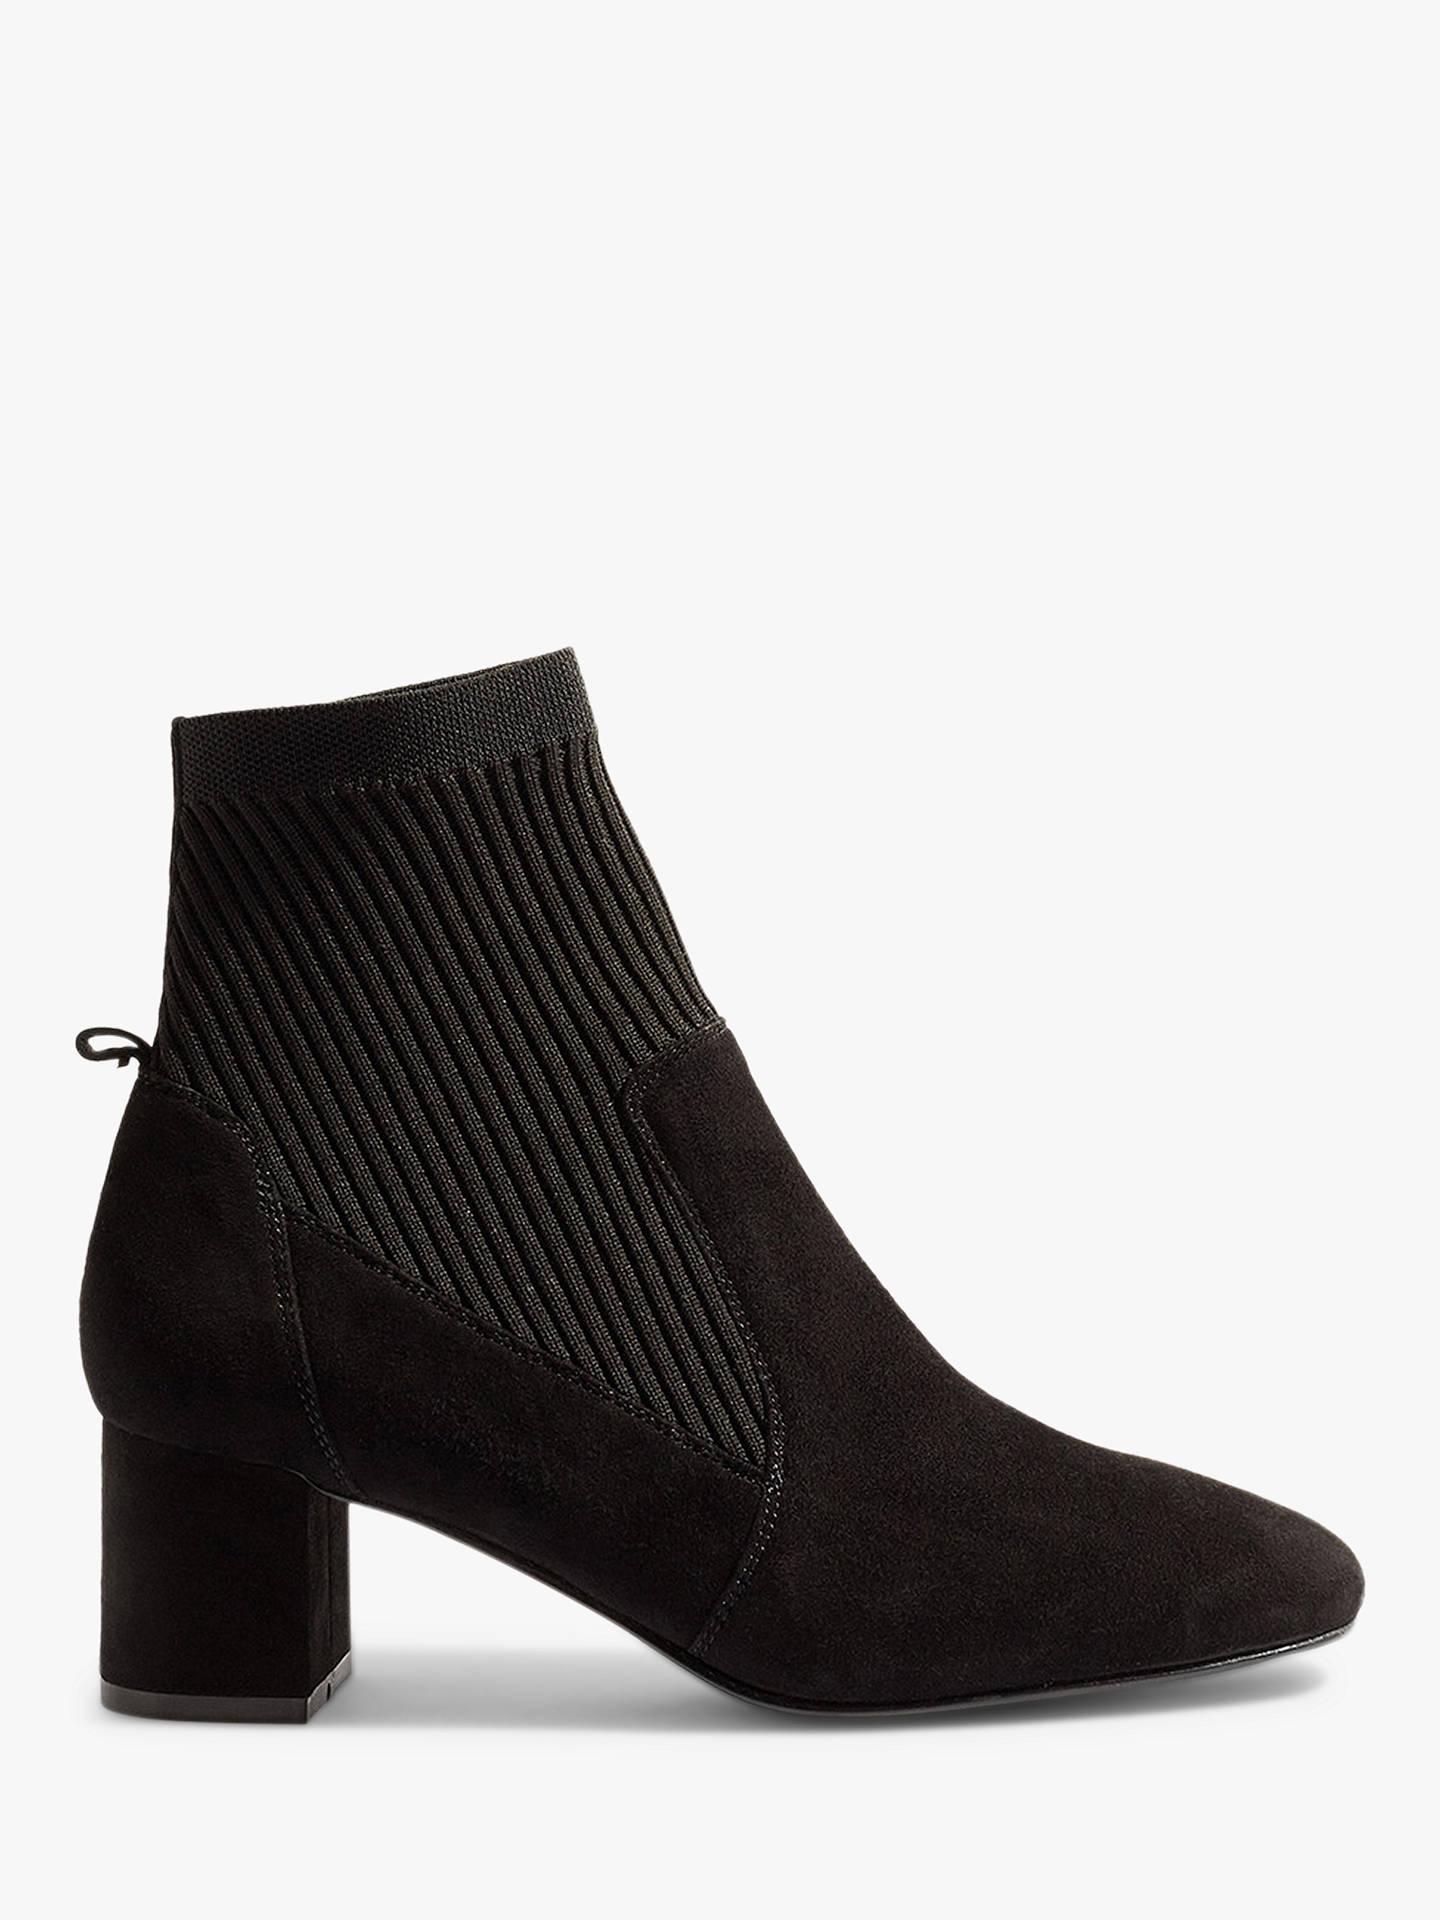 a9da1ea7956d Buy Karen Millen Sock Block Heel Ankle Boots